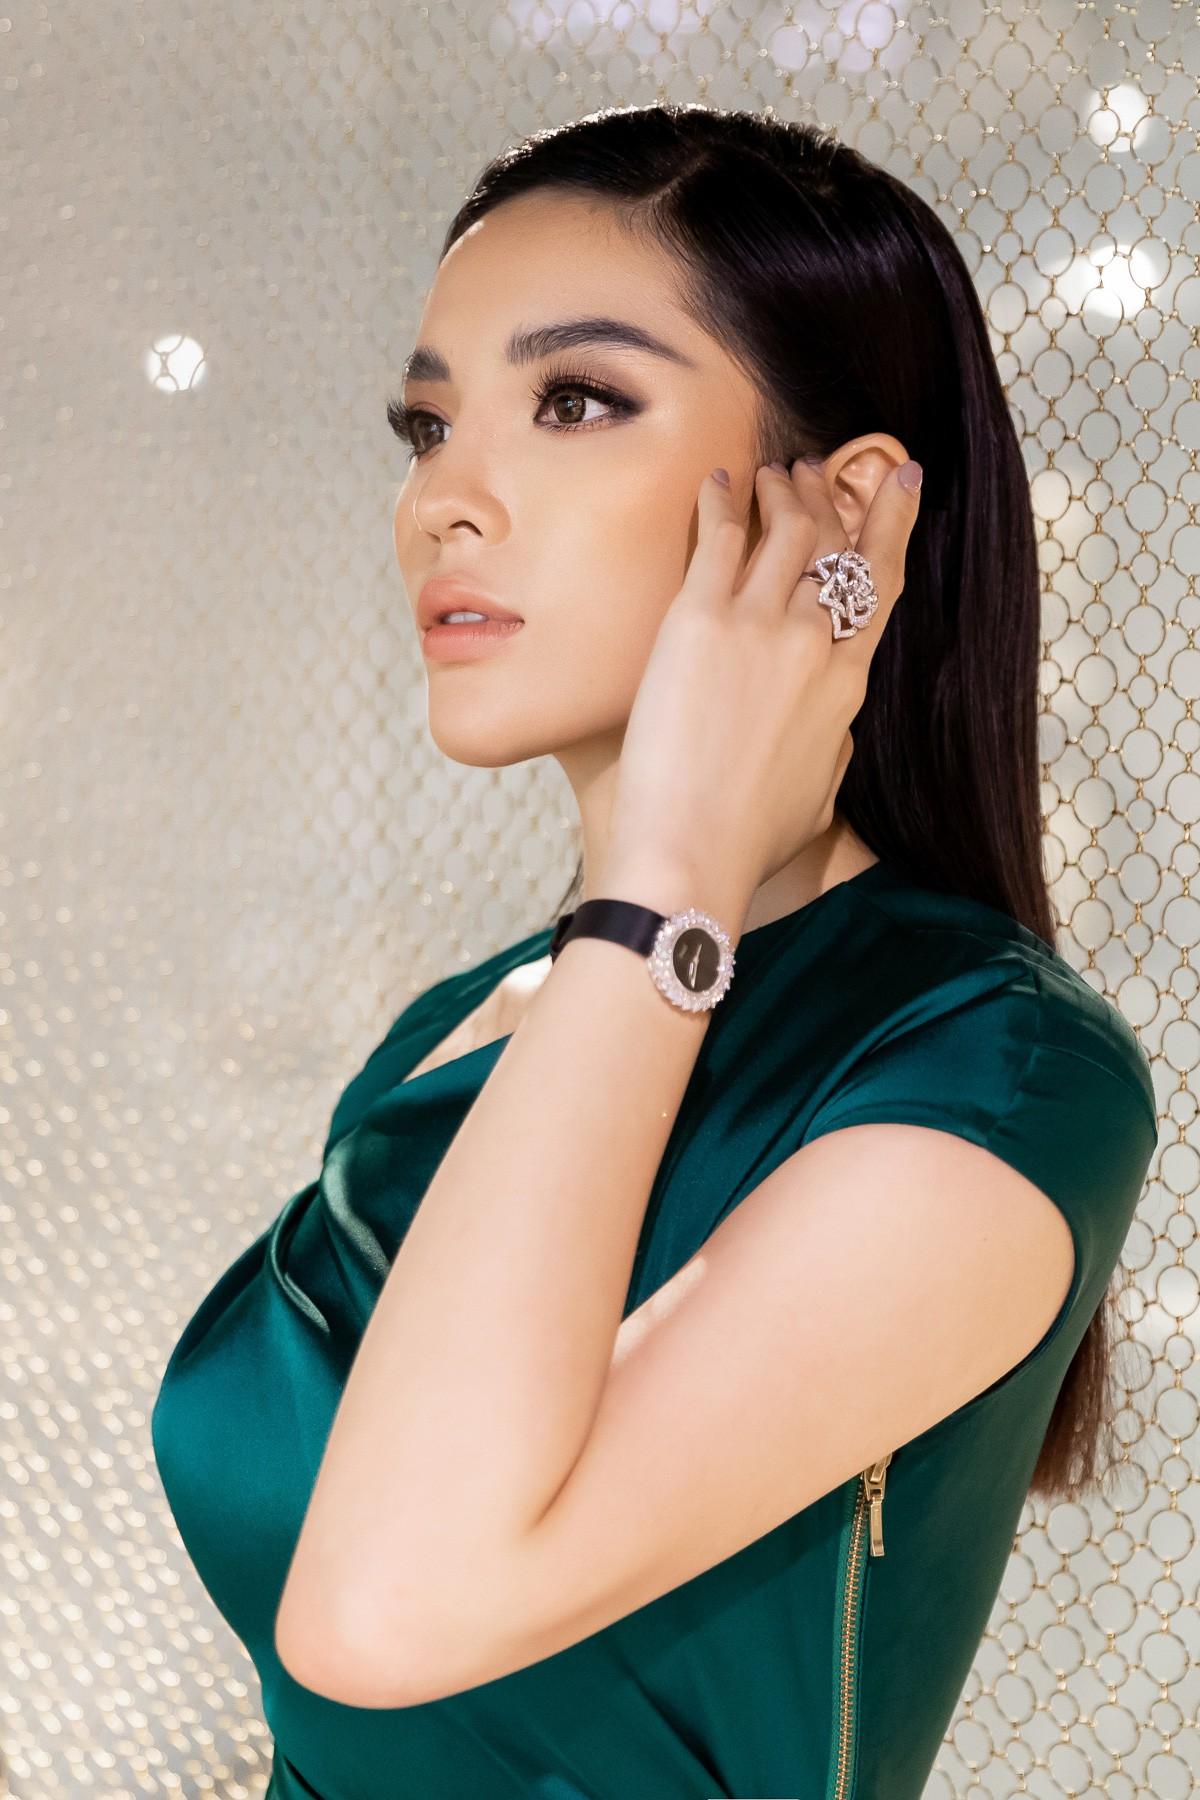 Hoa hậu Kỳ Duyên gây chú ý khi đắp hàng hiệu hơn 3 tỷ đồng đi sự kiện - Ảnh 7.